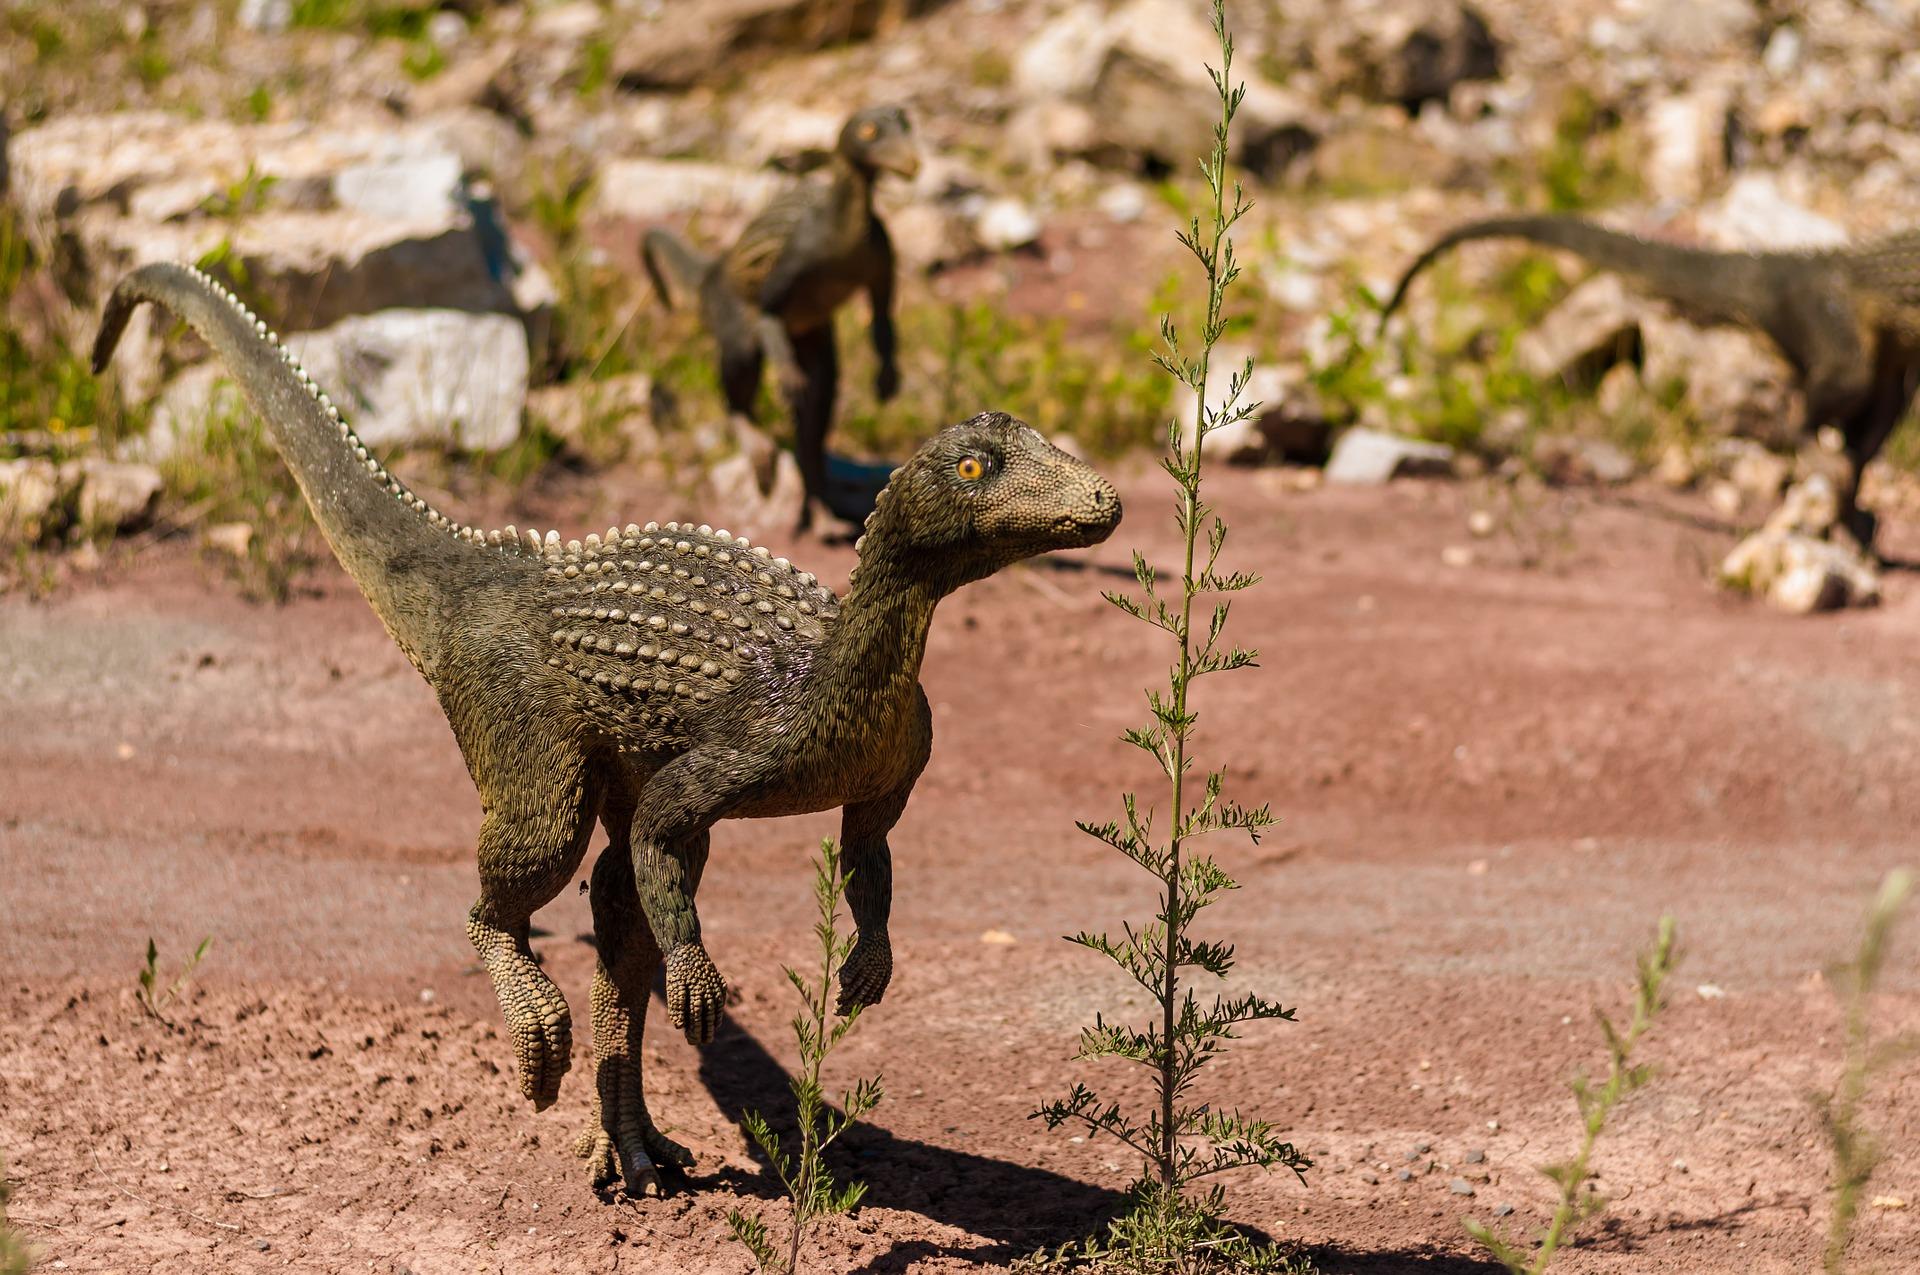 Little dinosaur photo